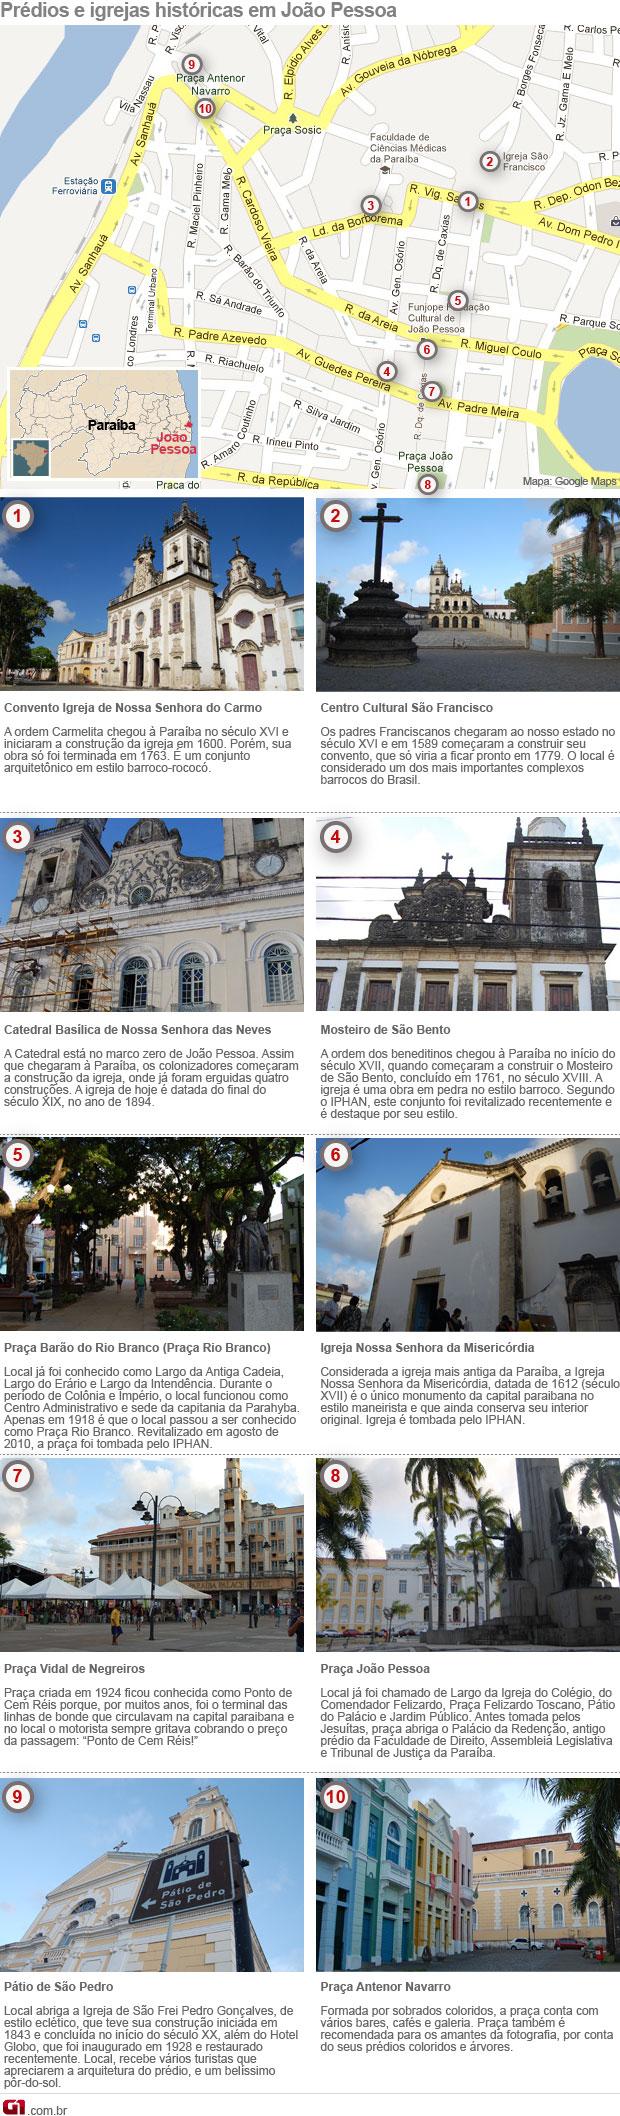 Roteiro histórico de João Pessoa (Foto: Arte/G1)